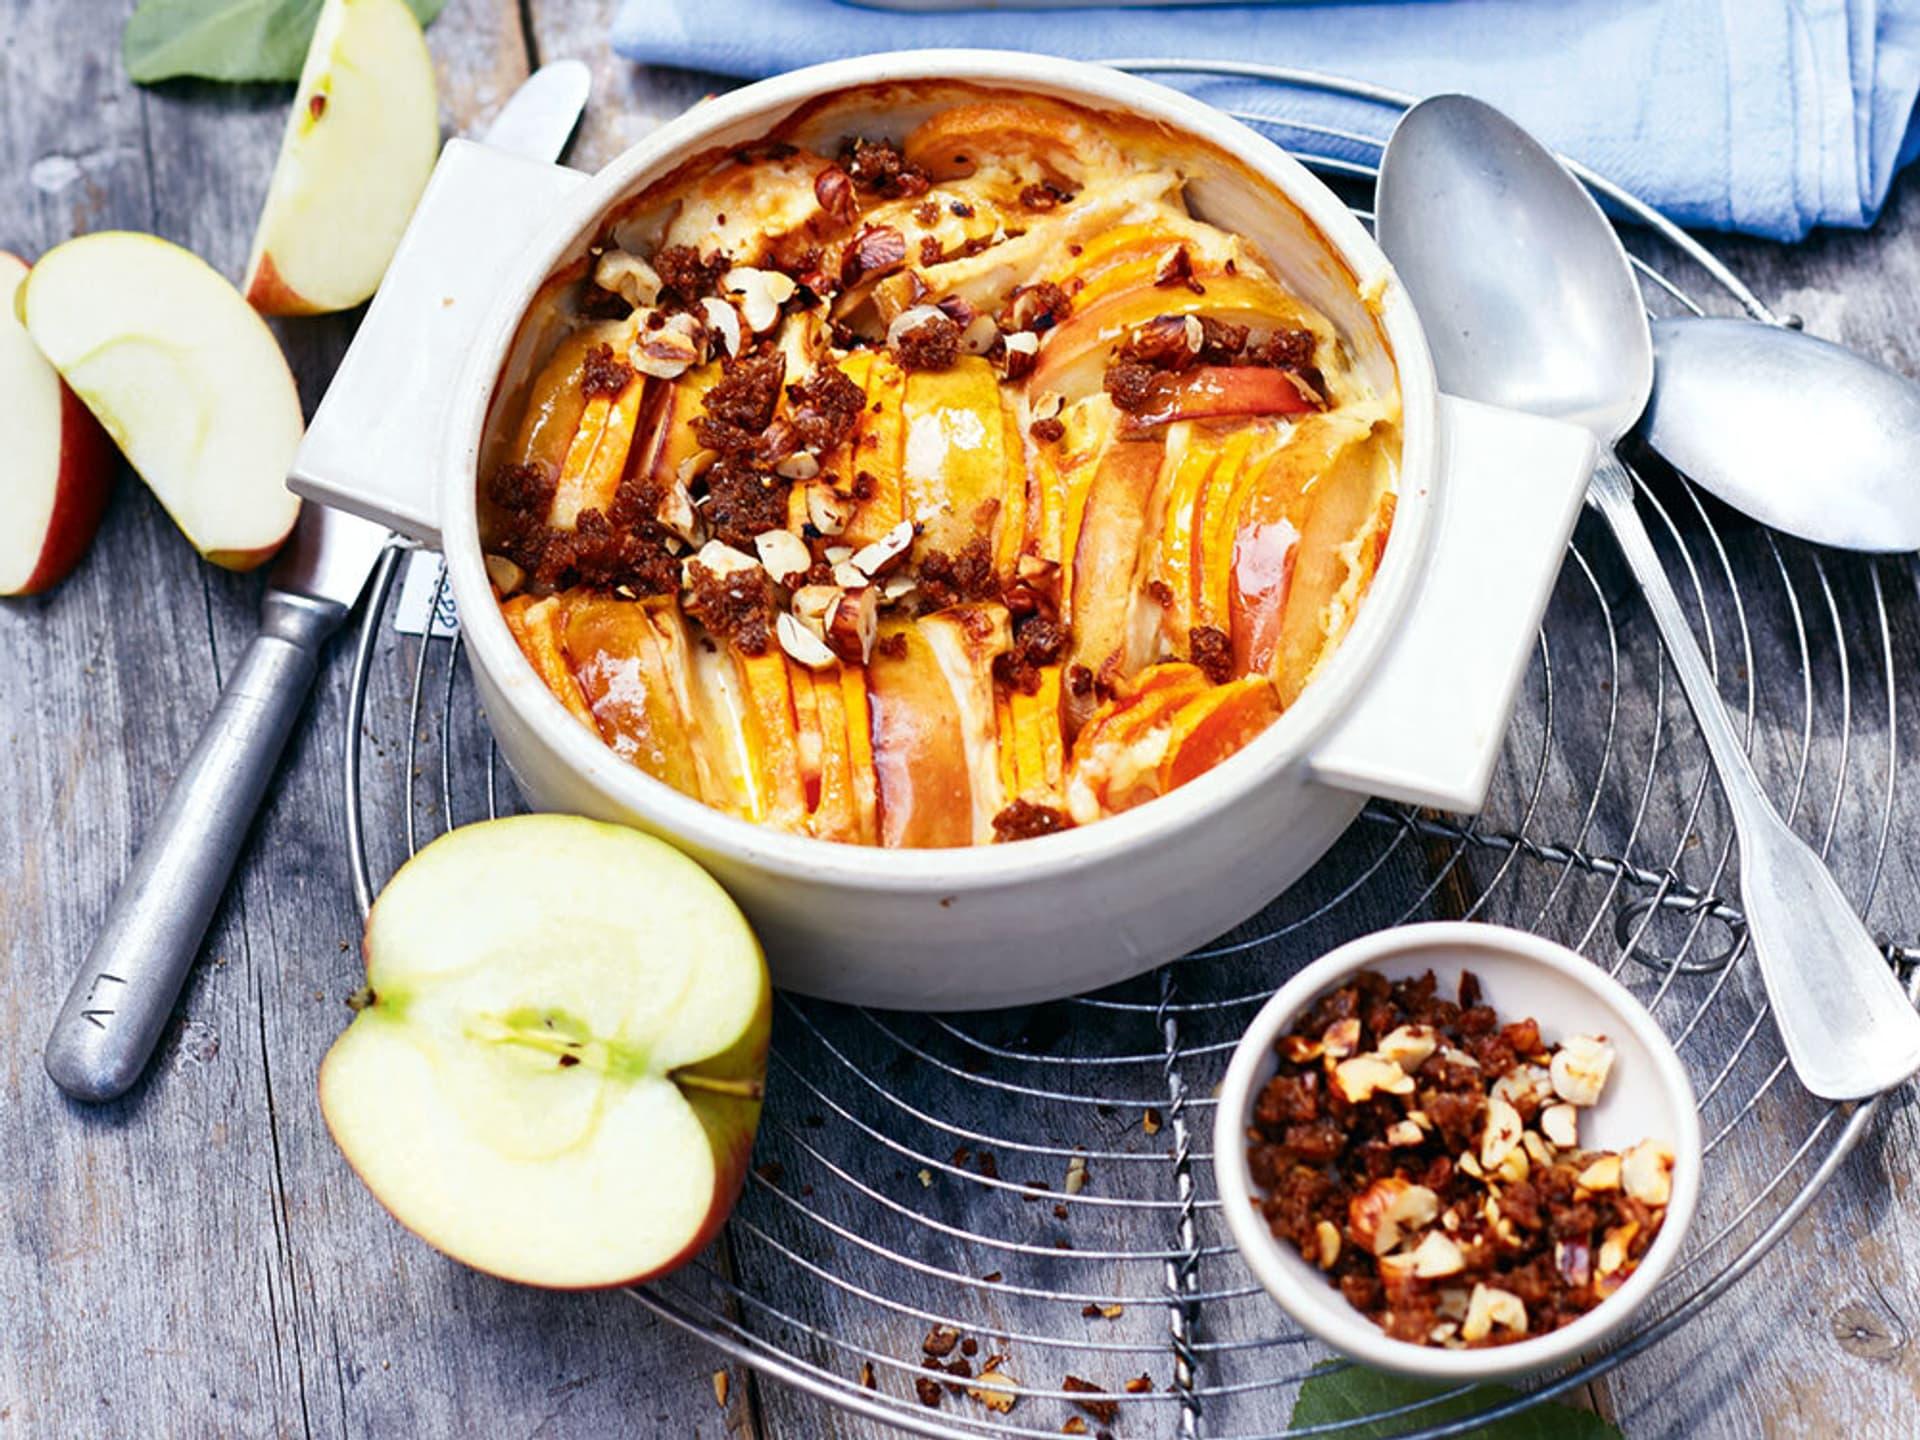 Süßkartoffel-Apfel-Auflauf mit Haselnüssen und Brotbröseln